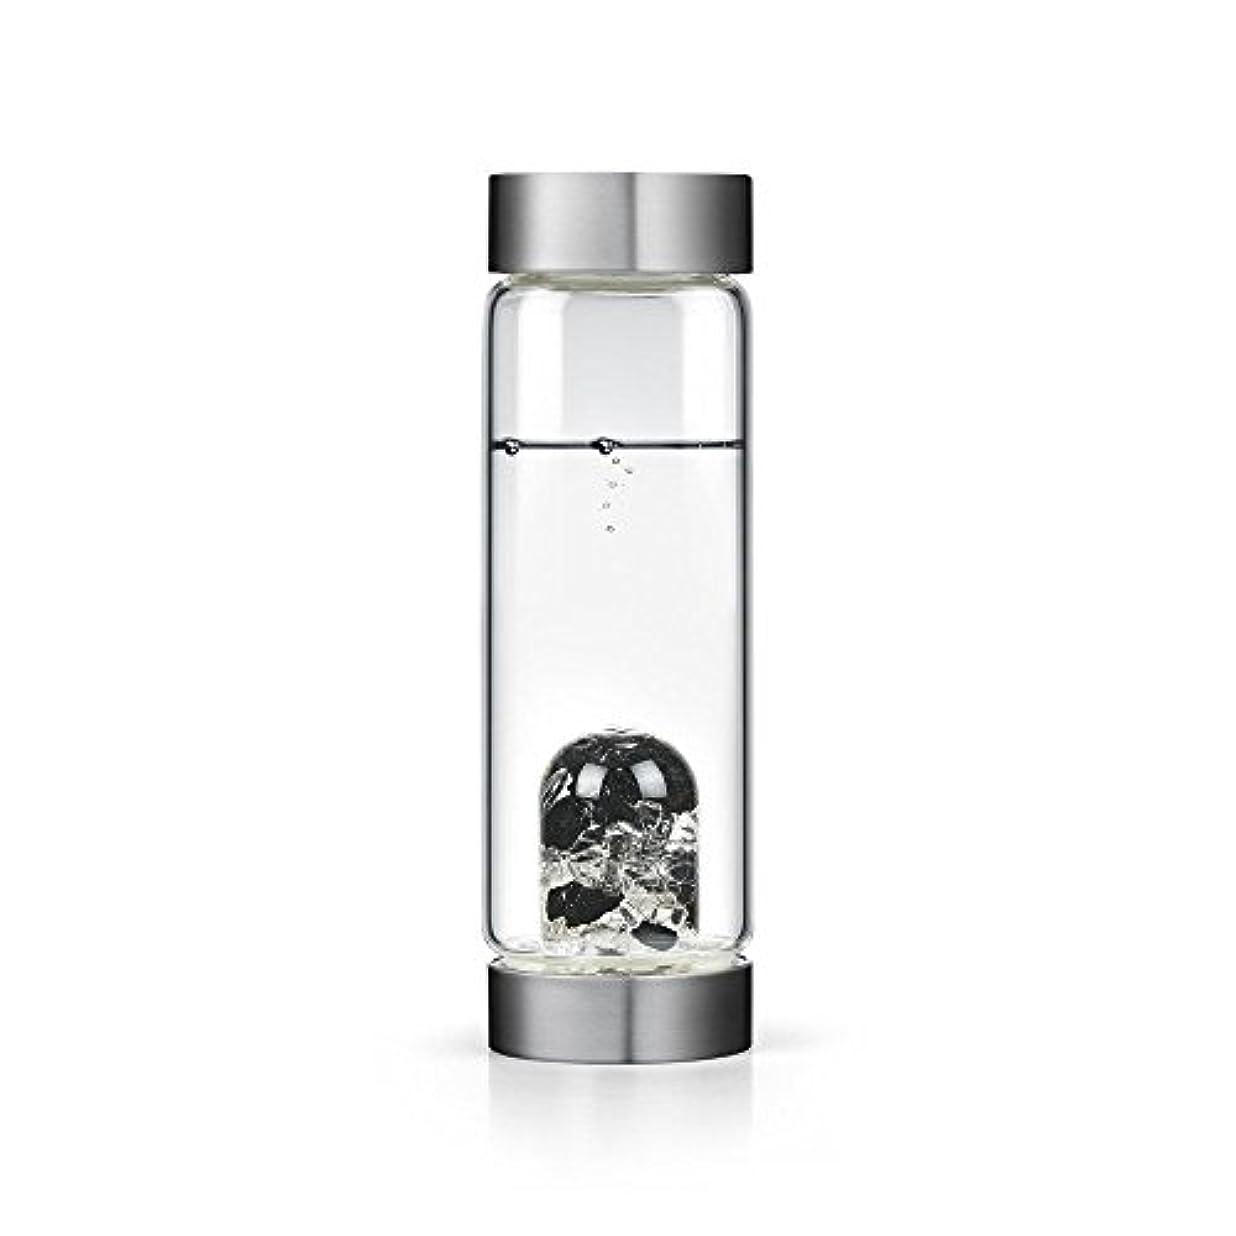 推進帝国主義王位ビジョンクリスタルエディションgem-waterボトルby VitaJuwel W / Freeカリフォルニアホワイトセージバンドル 16.9 fl oz